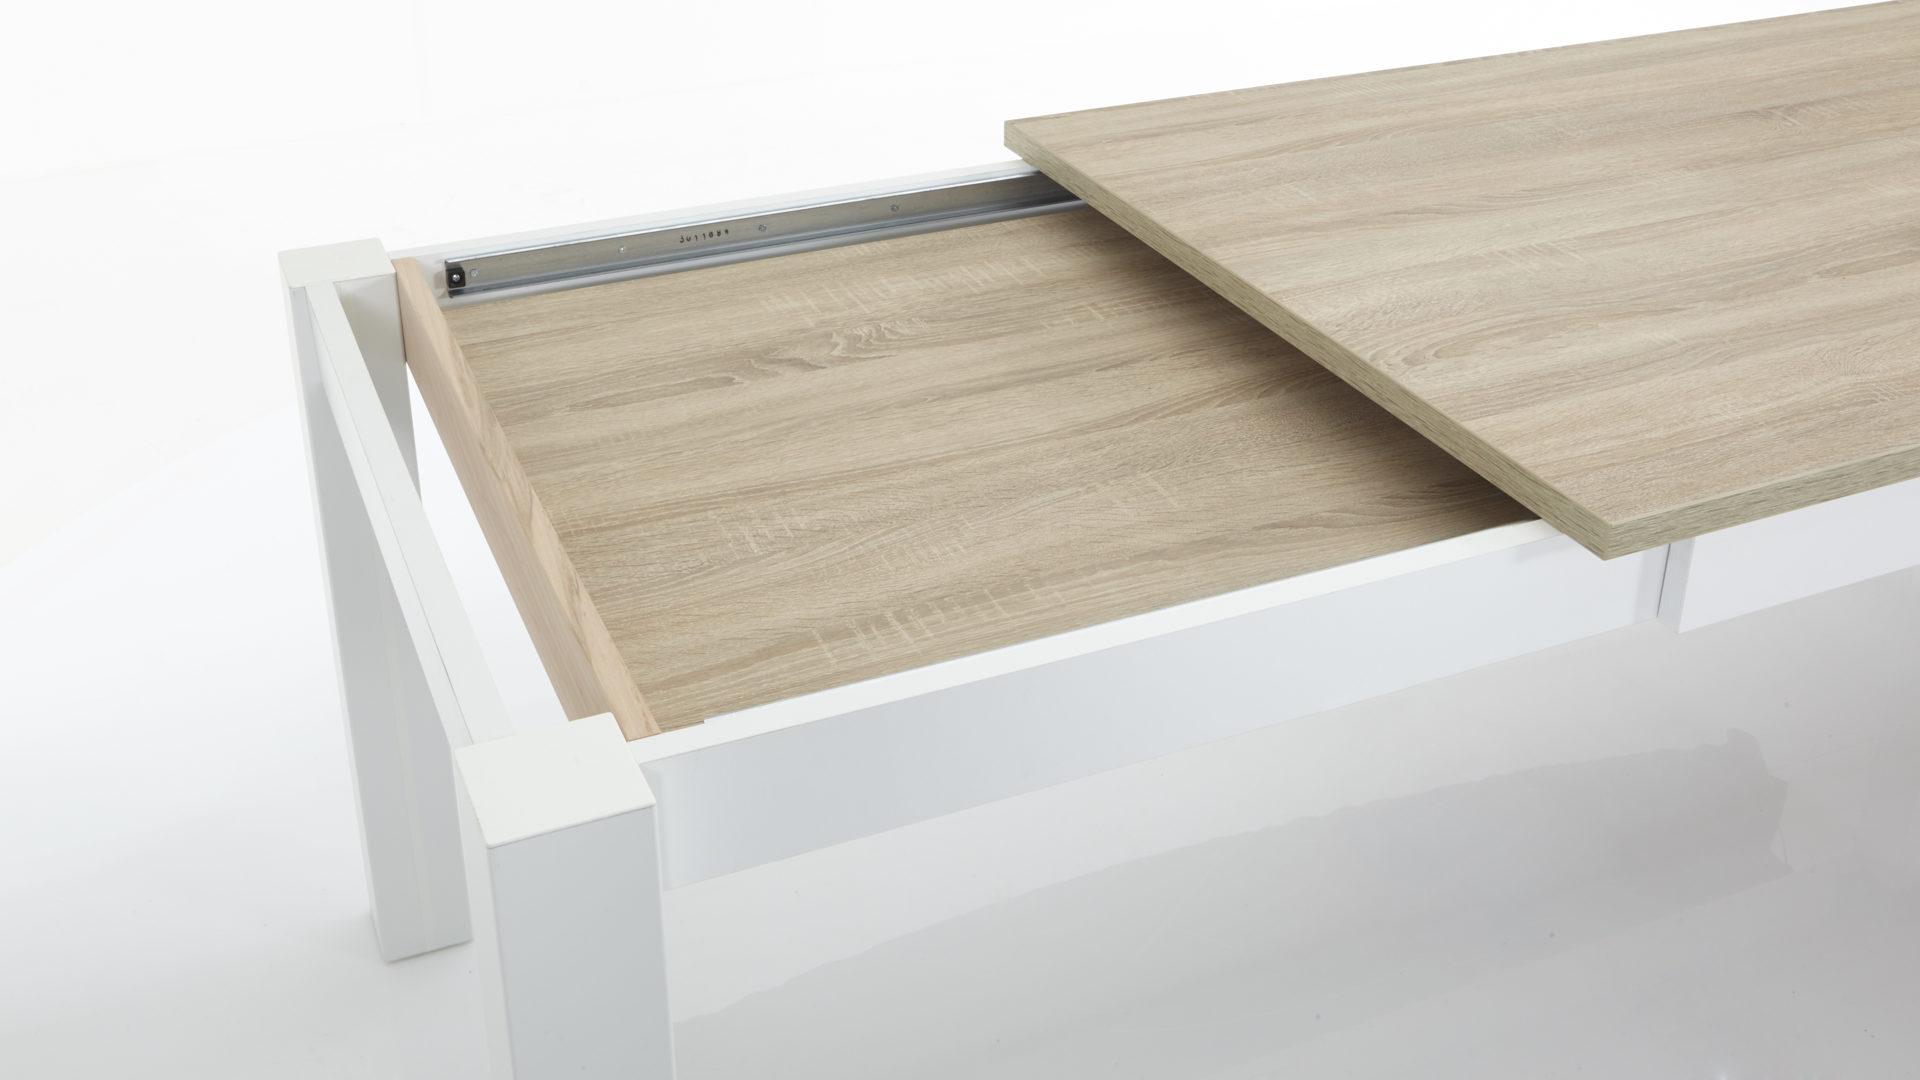 Mobel Bohn Crailsheim Raume Esszimmer Tische Funktions Esstisch